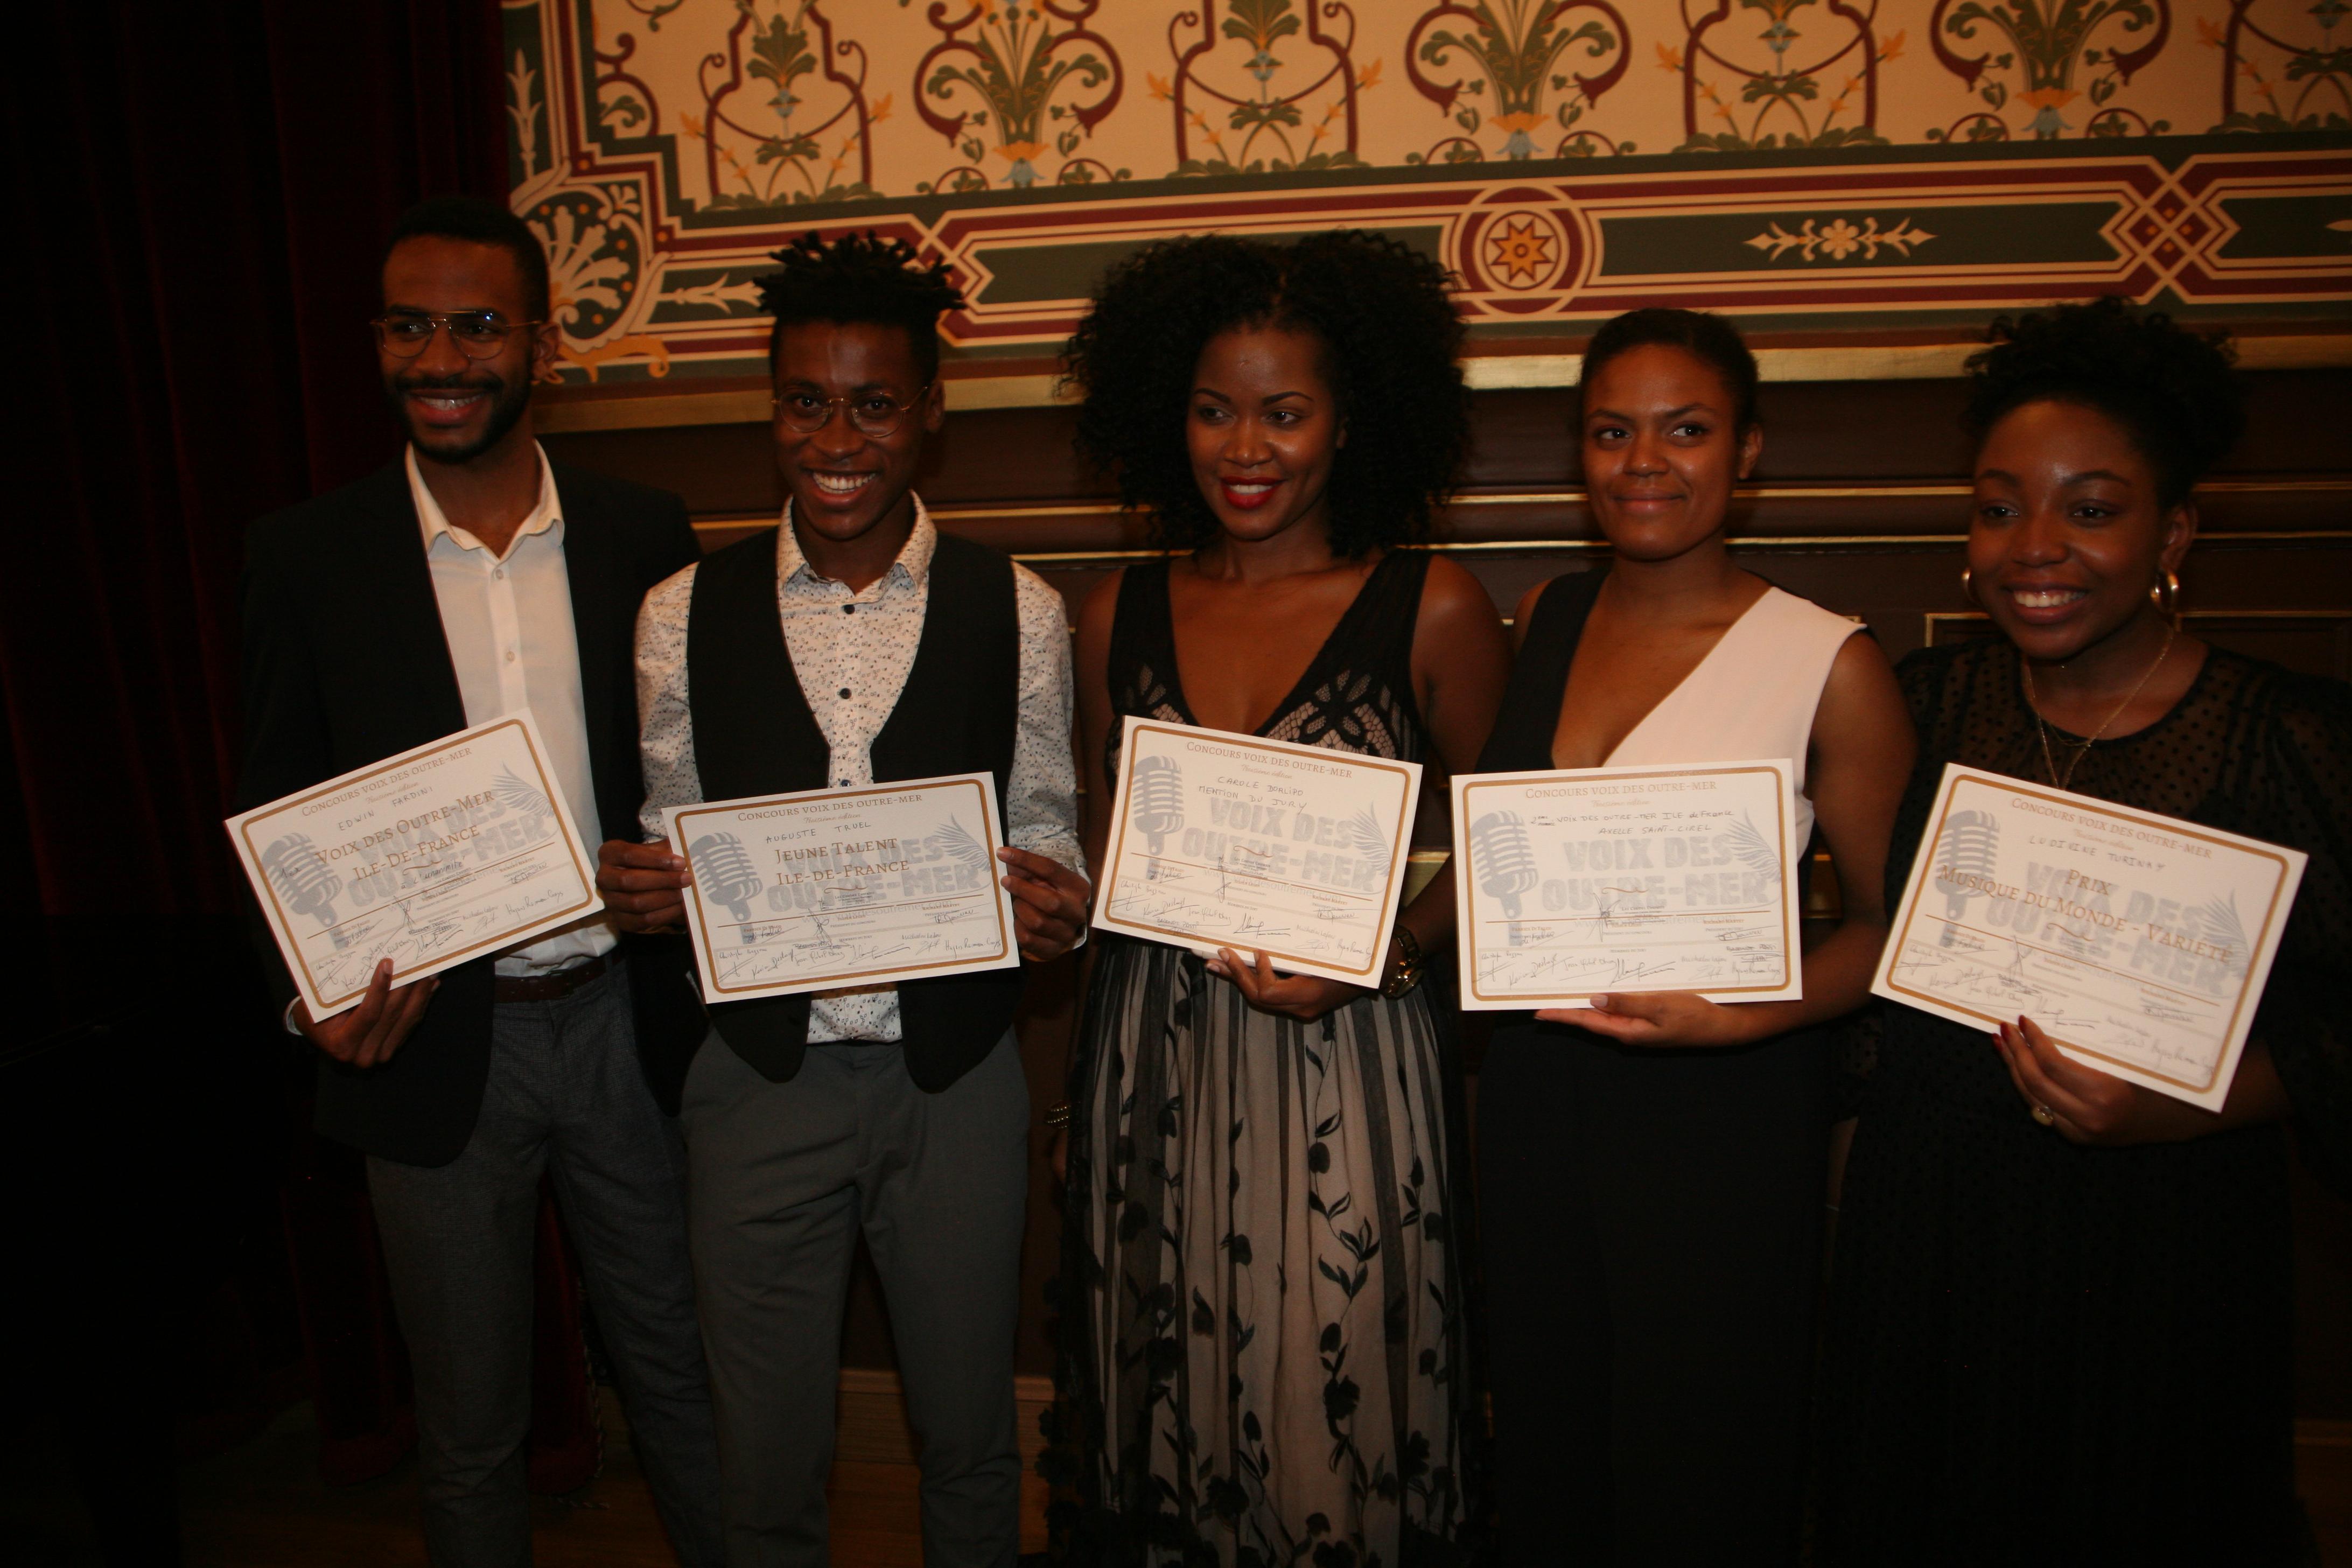 Le Martiniquais Edwin Fardini et la Guadeloupéenne Axelle Saint-Cirel, principaux lauréats de la finale Ile-de-France du concours Voix des outre-mer